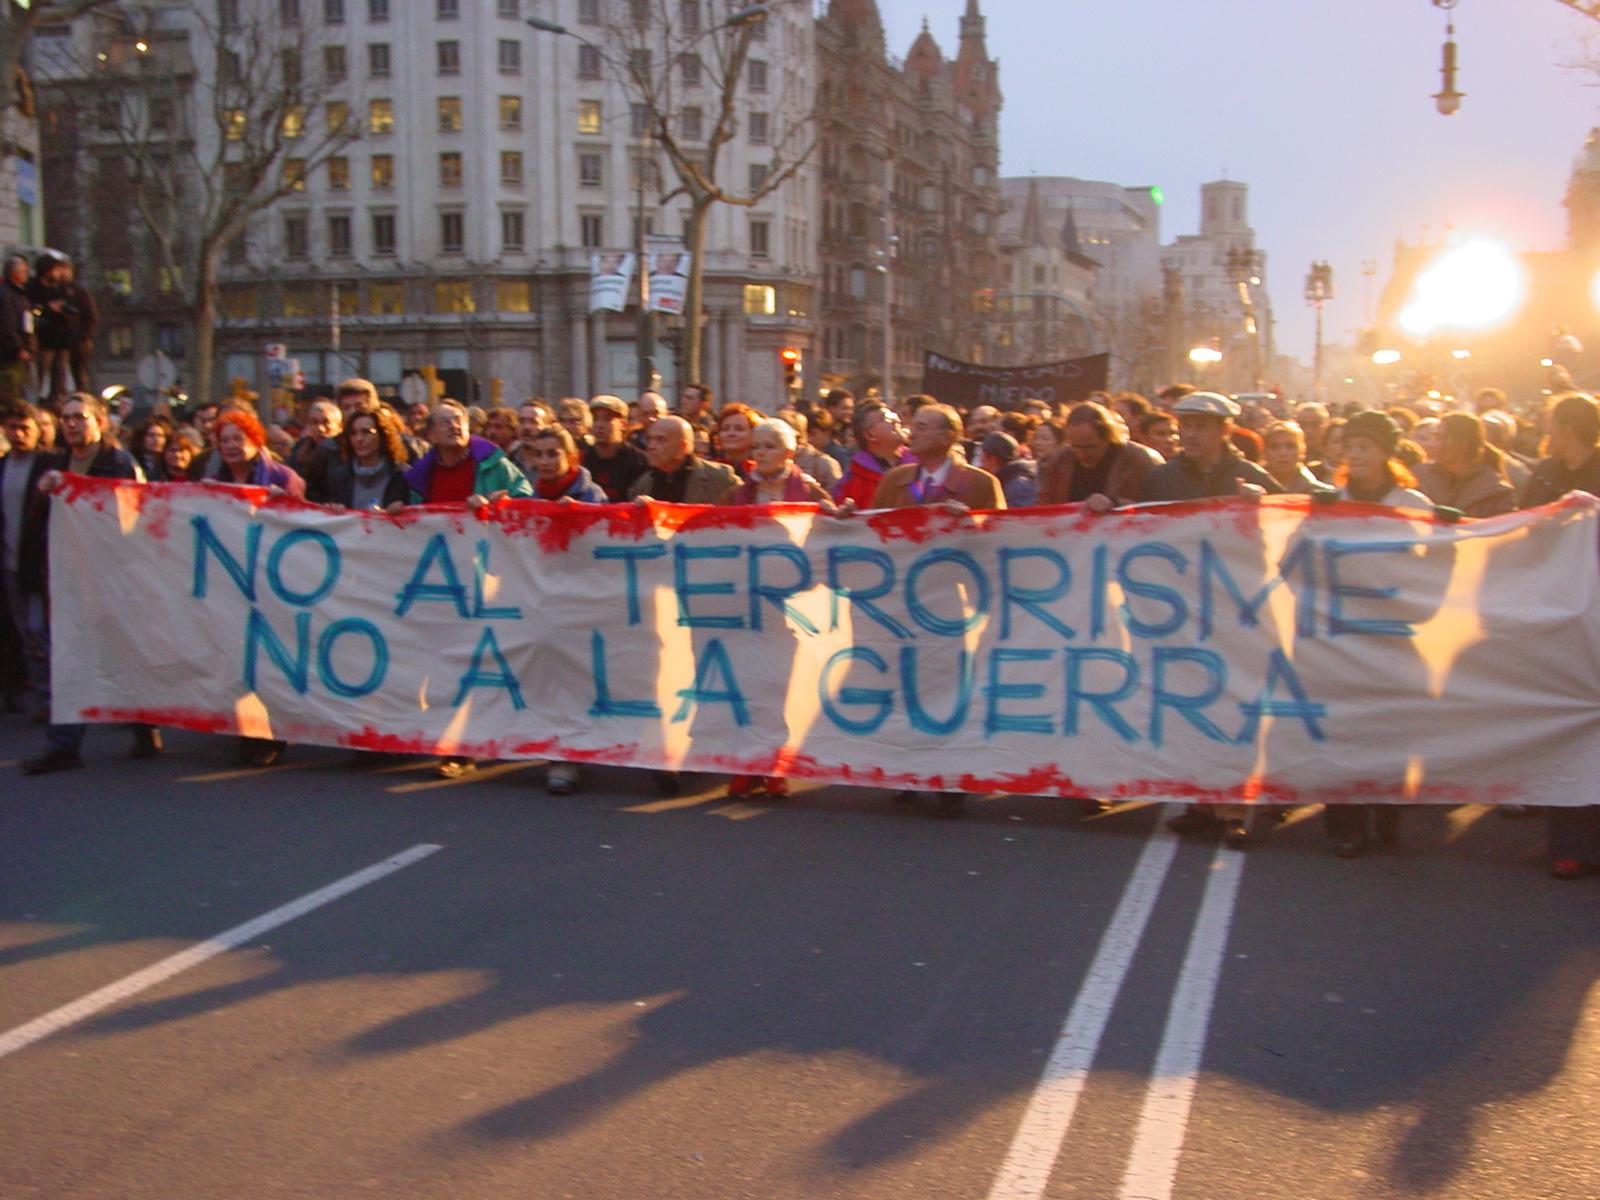 Manifestación en Barcelona en 2004 contra el terrorismo y la guerra. Foto: Kippelboy